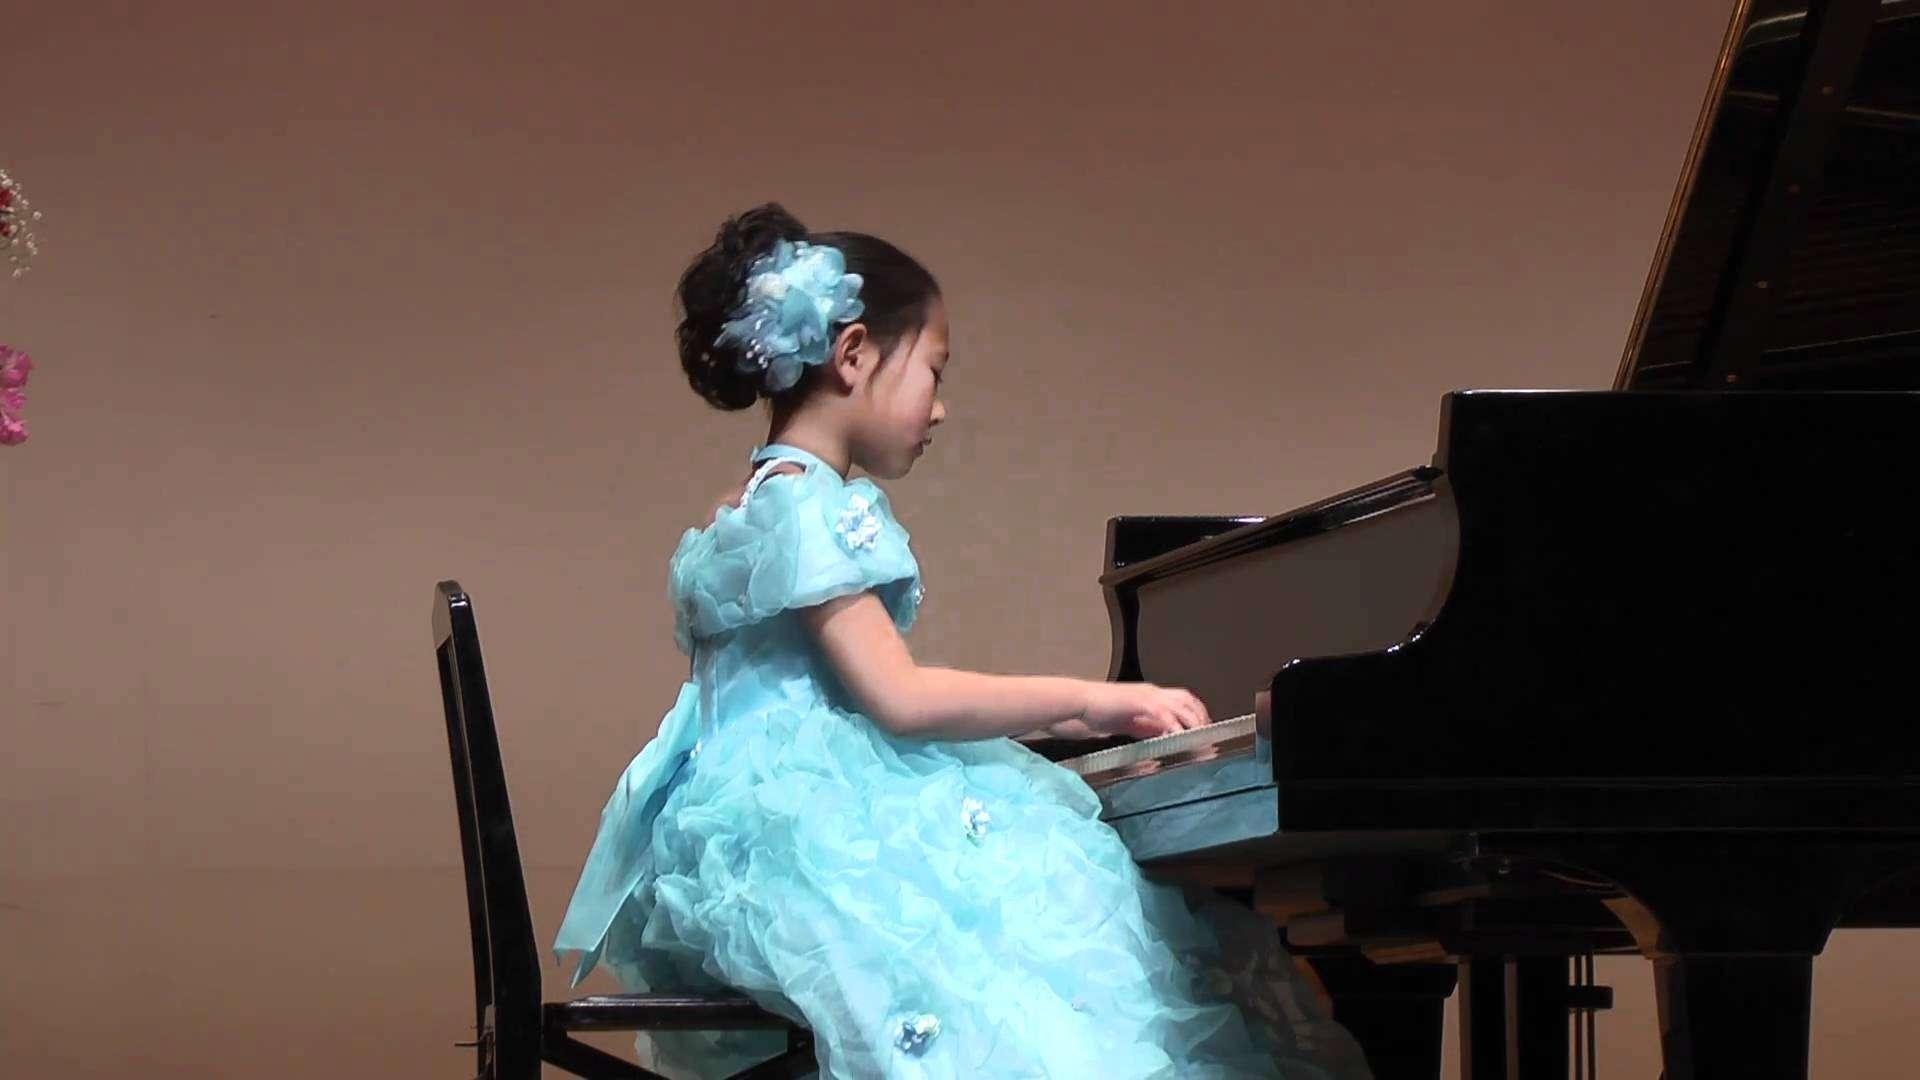 幻想即興曲 ショパン 8才 Chopin Fantasie Impromptu: 8 years old girl - YouTube